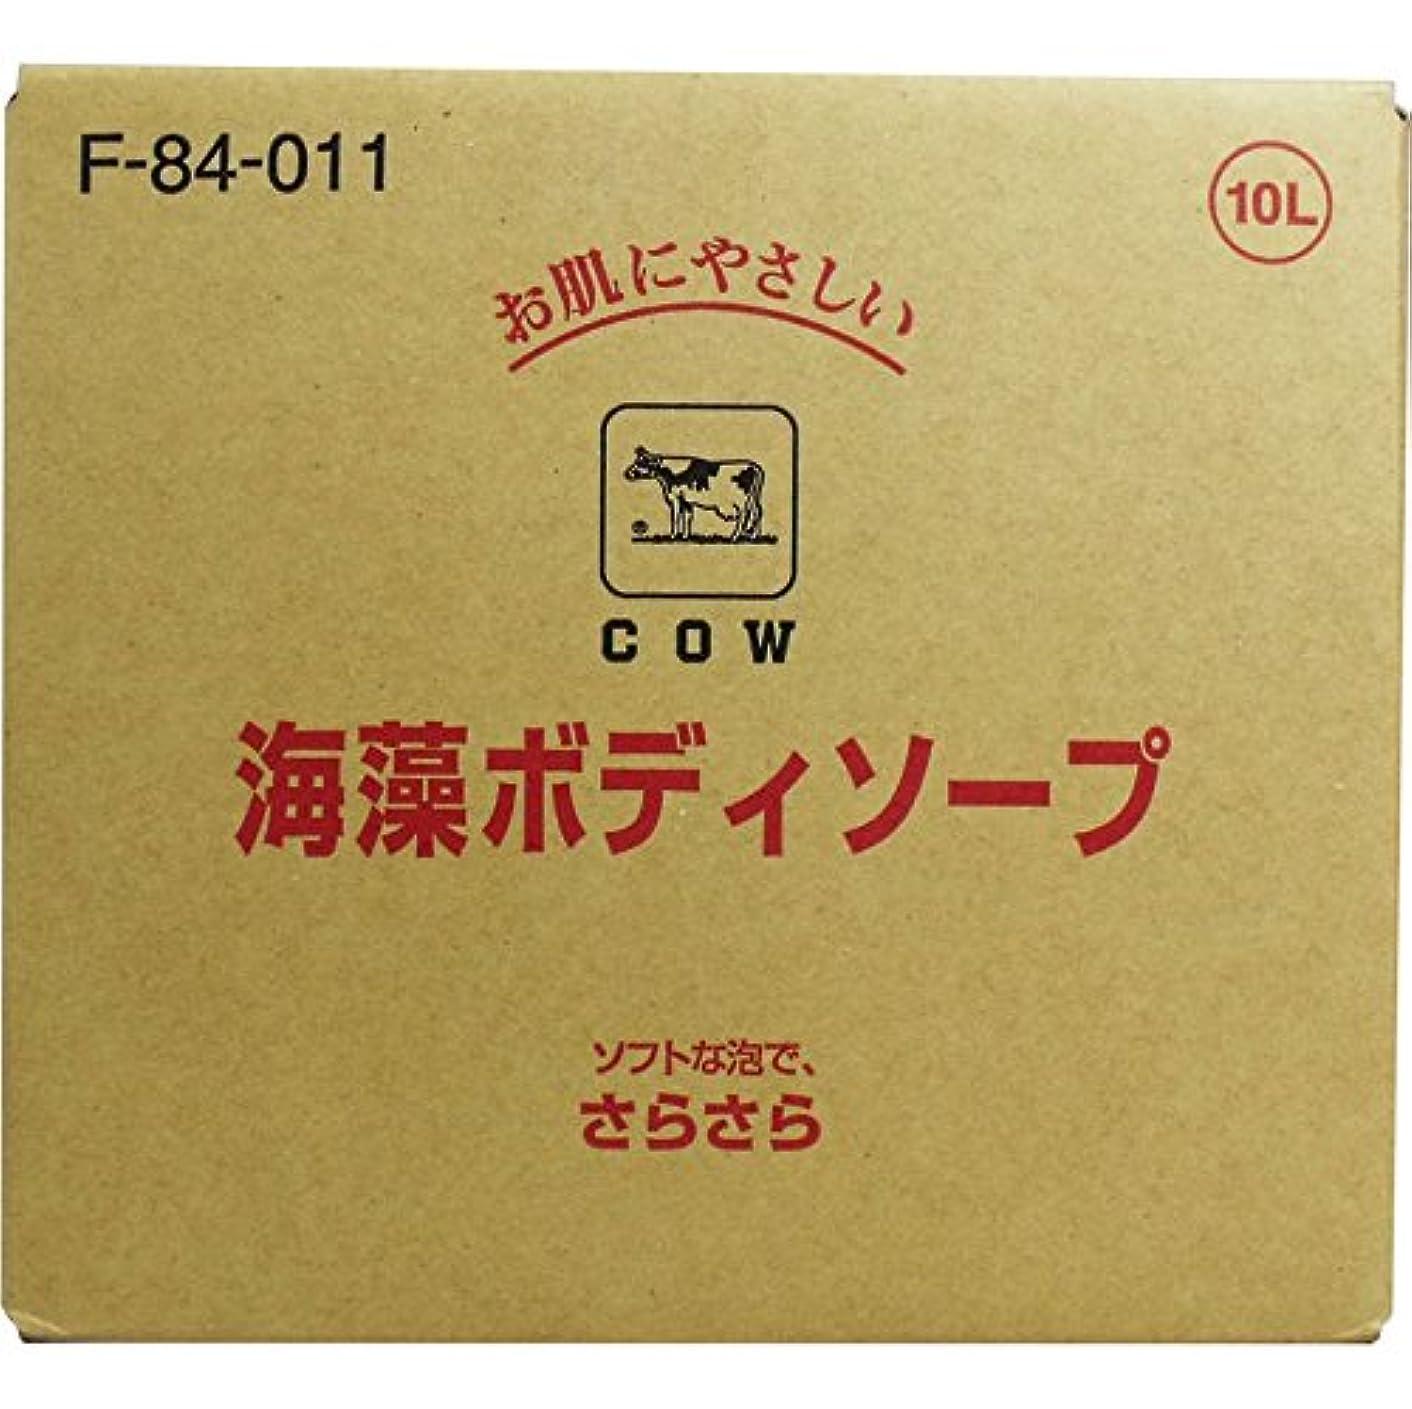 冷笑するうぬぼれ望みボディ 石けん詰め替え さらさらした洗い心地 便利商品 牛乳ブランド 海藻ボディソープ 業務用 10L